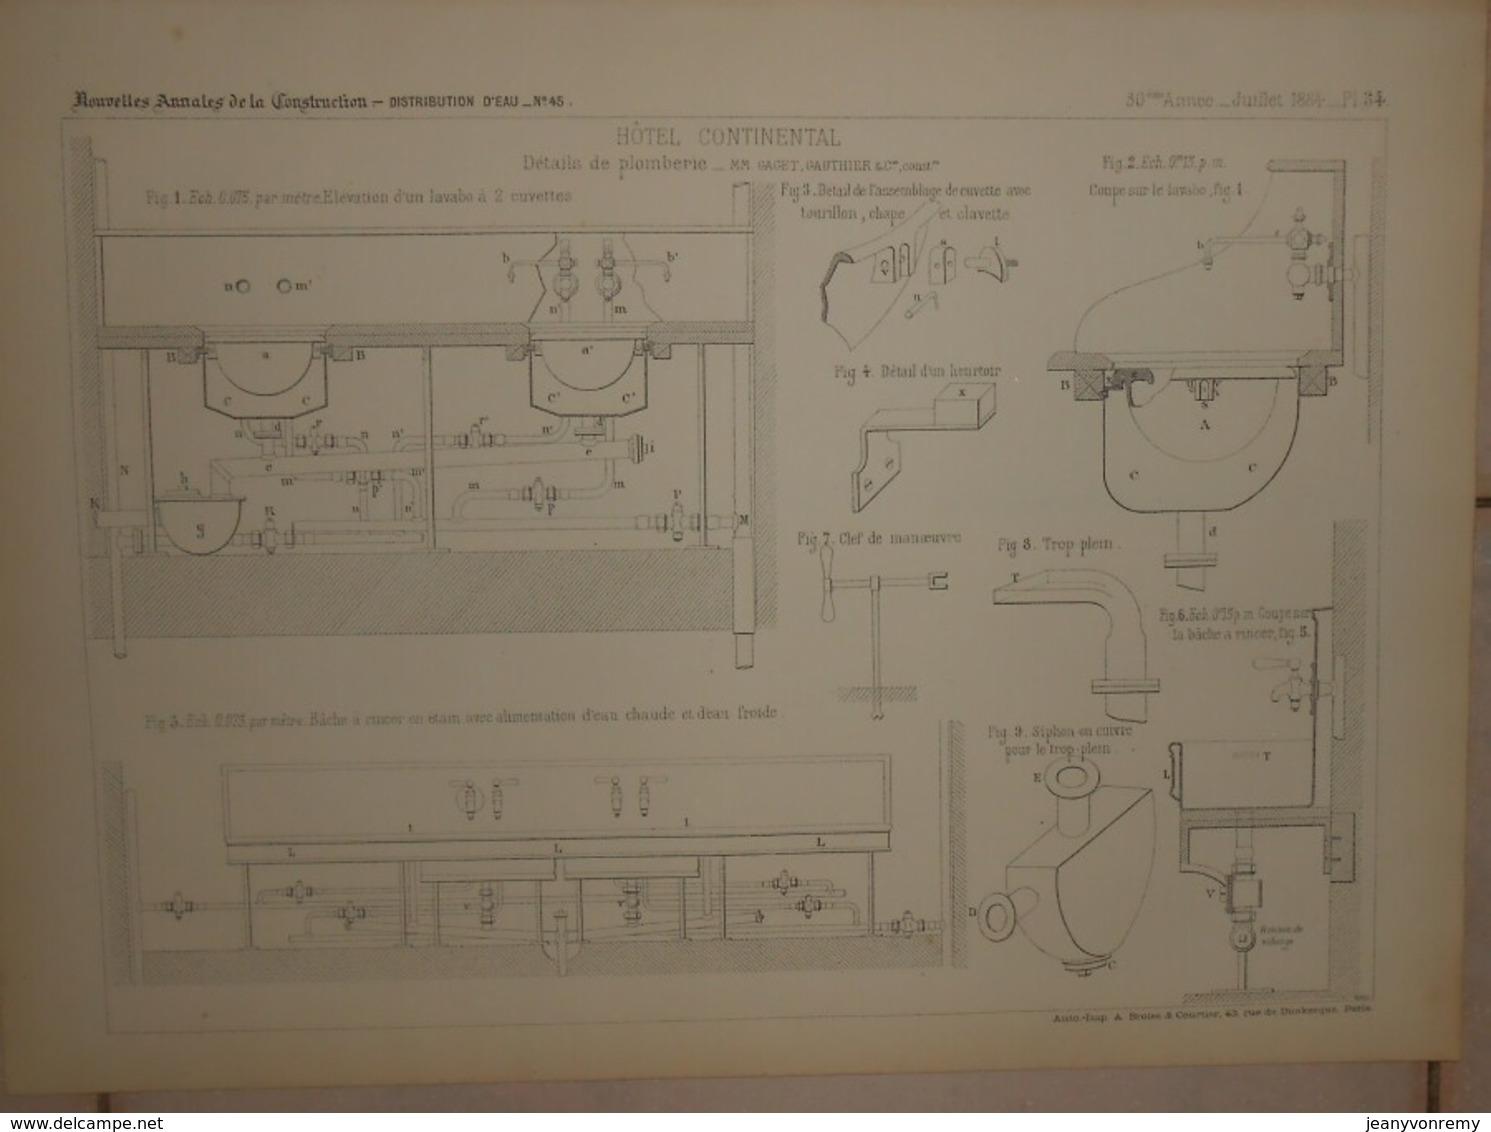 Plan  De L'Hôtel Continental à Paris. Détails De Plomberie. MM. Gaget Et Gauthier, Constructeurs. 1884. - Technical Plans